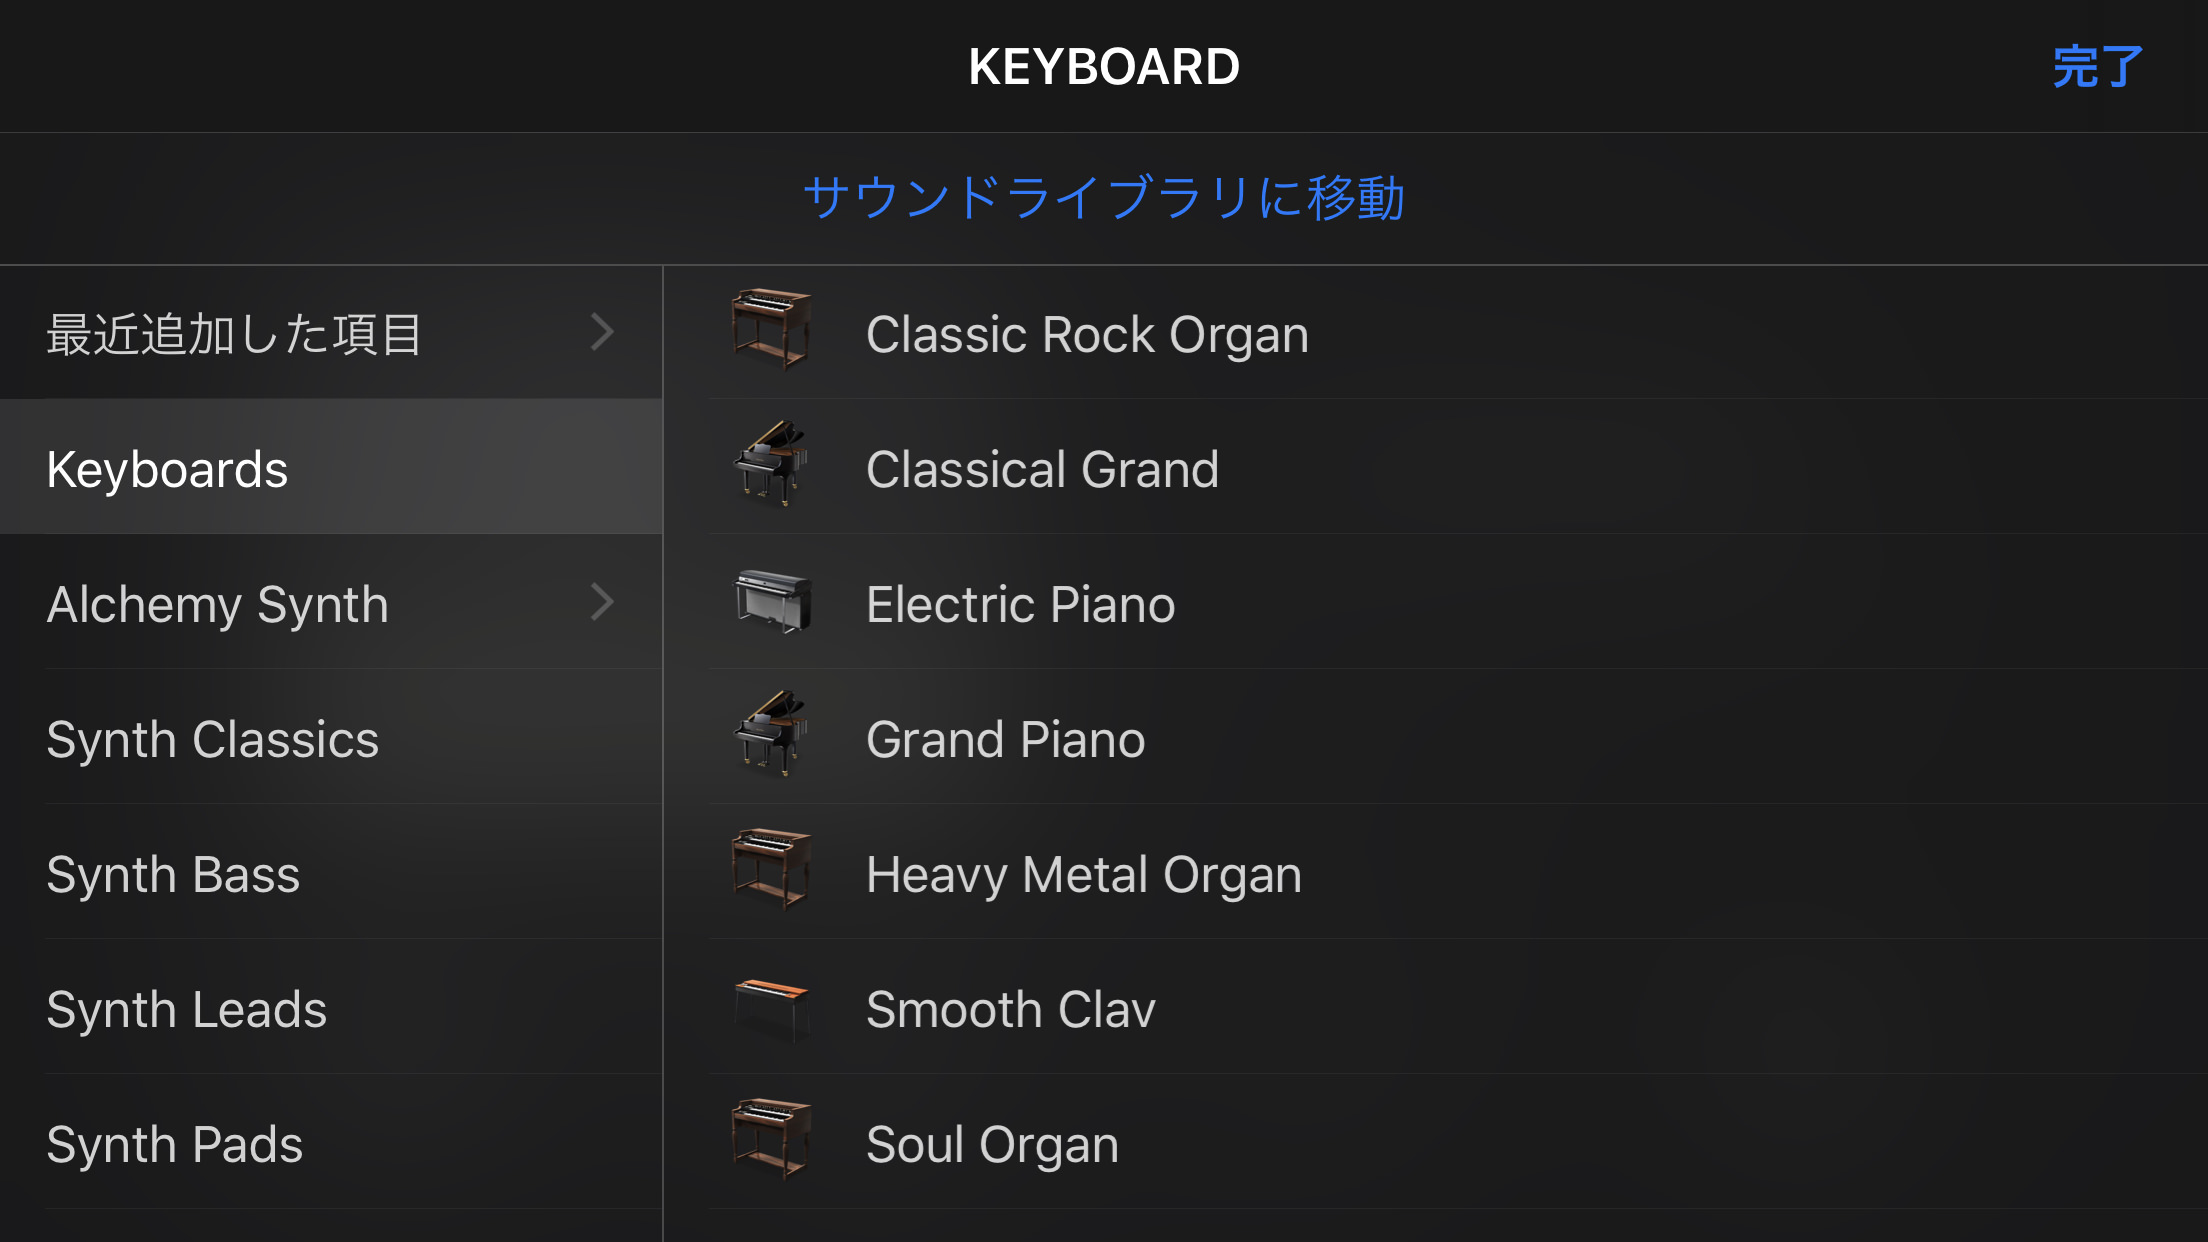 使う楽器1